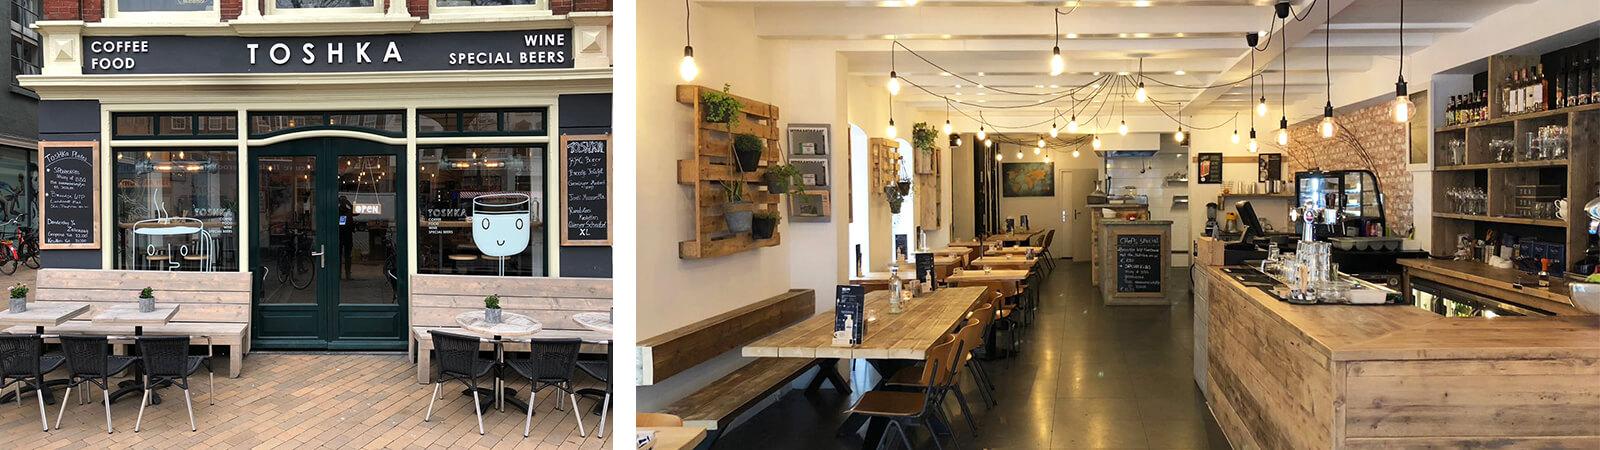 Inrichting brasserie met steigerhout